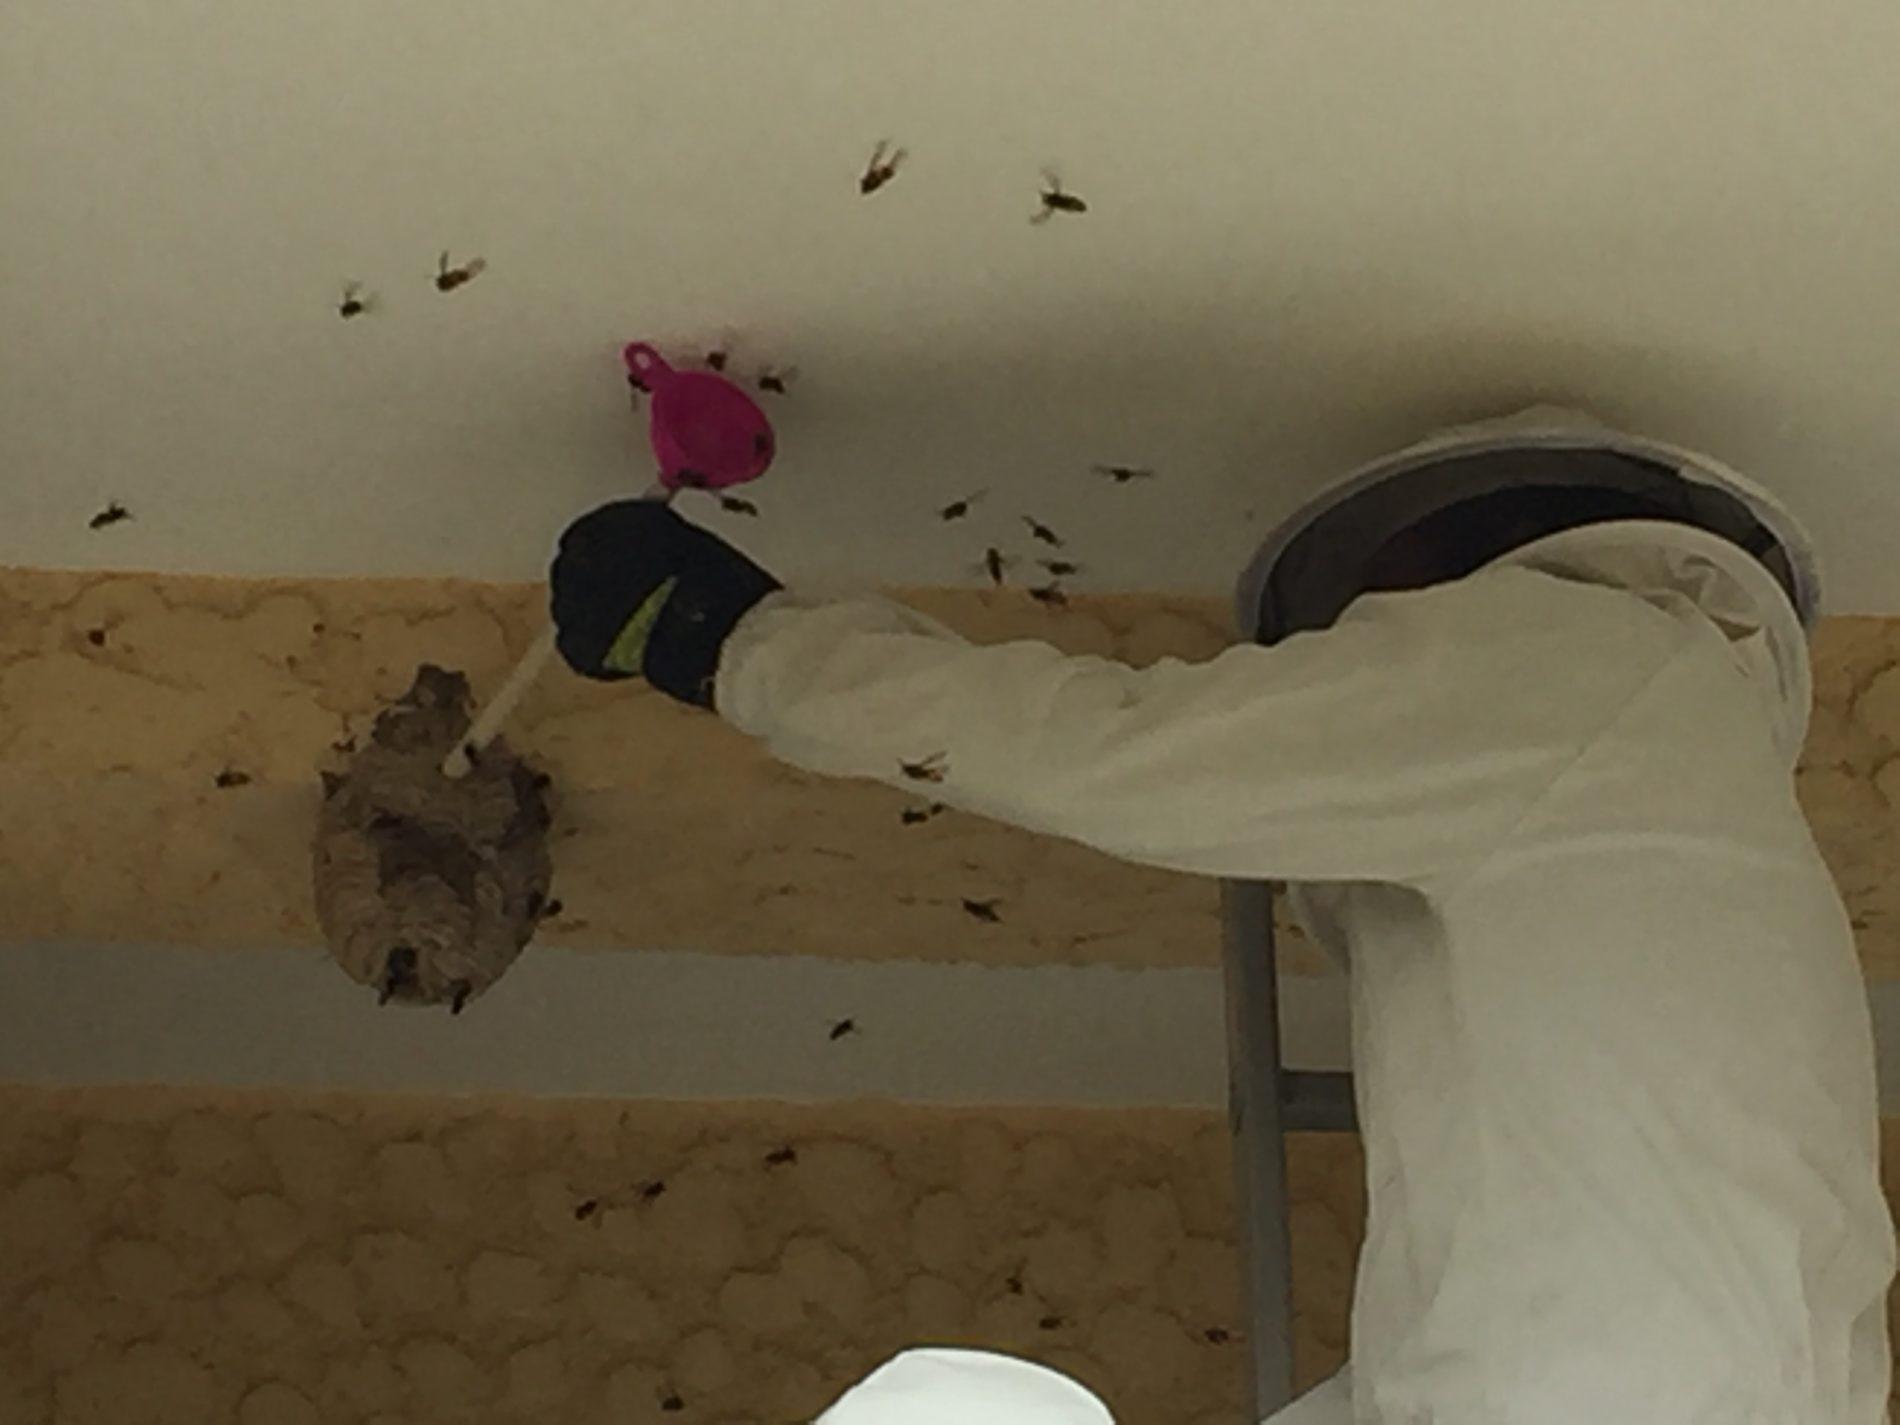 Município de Góis já eliminou 90 ninhos de vespa asiática